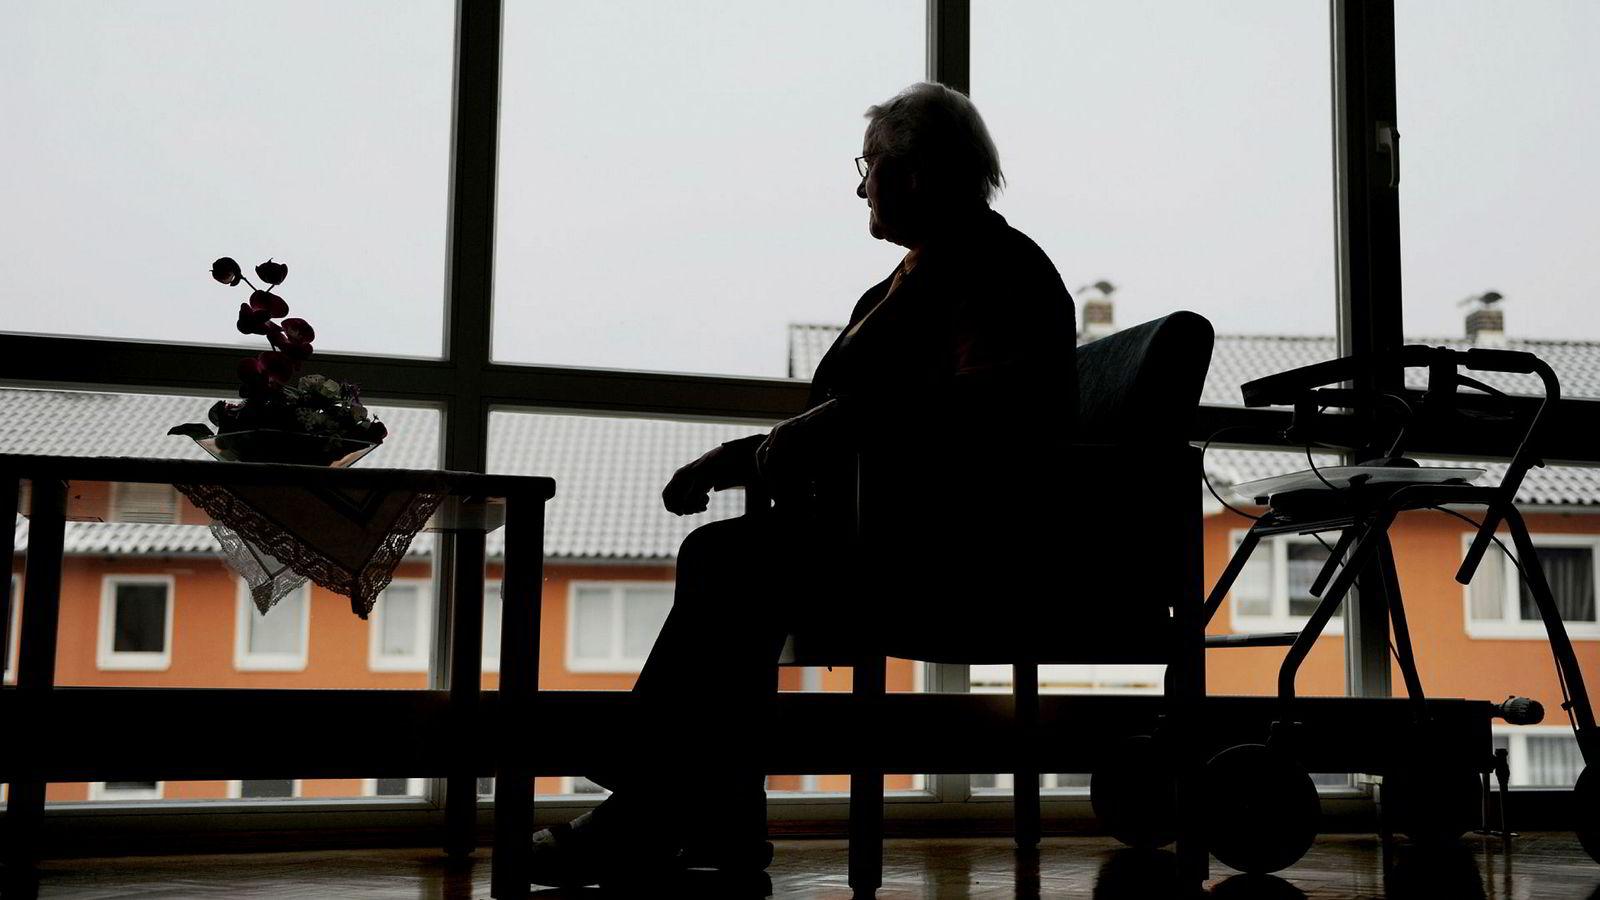 Det gir nok ikke høye odds å tippe at «Hvem skal drive eldreomsorg og barnehager» blir et av de heteste temaene i lokalvalgkampen i år i følge artikkelforfatteren.